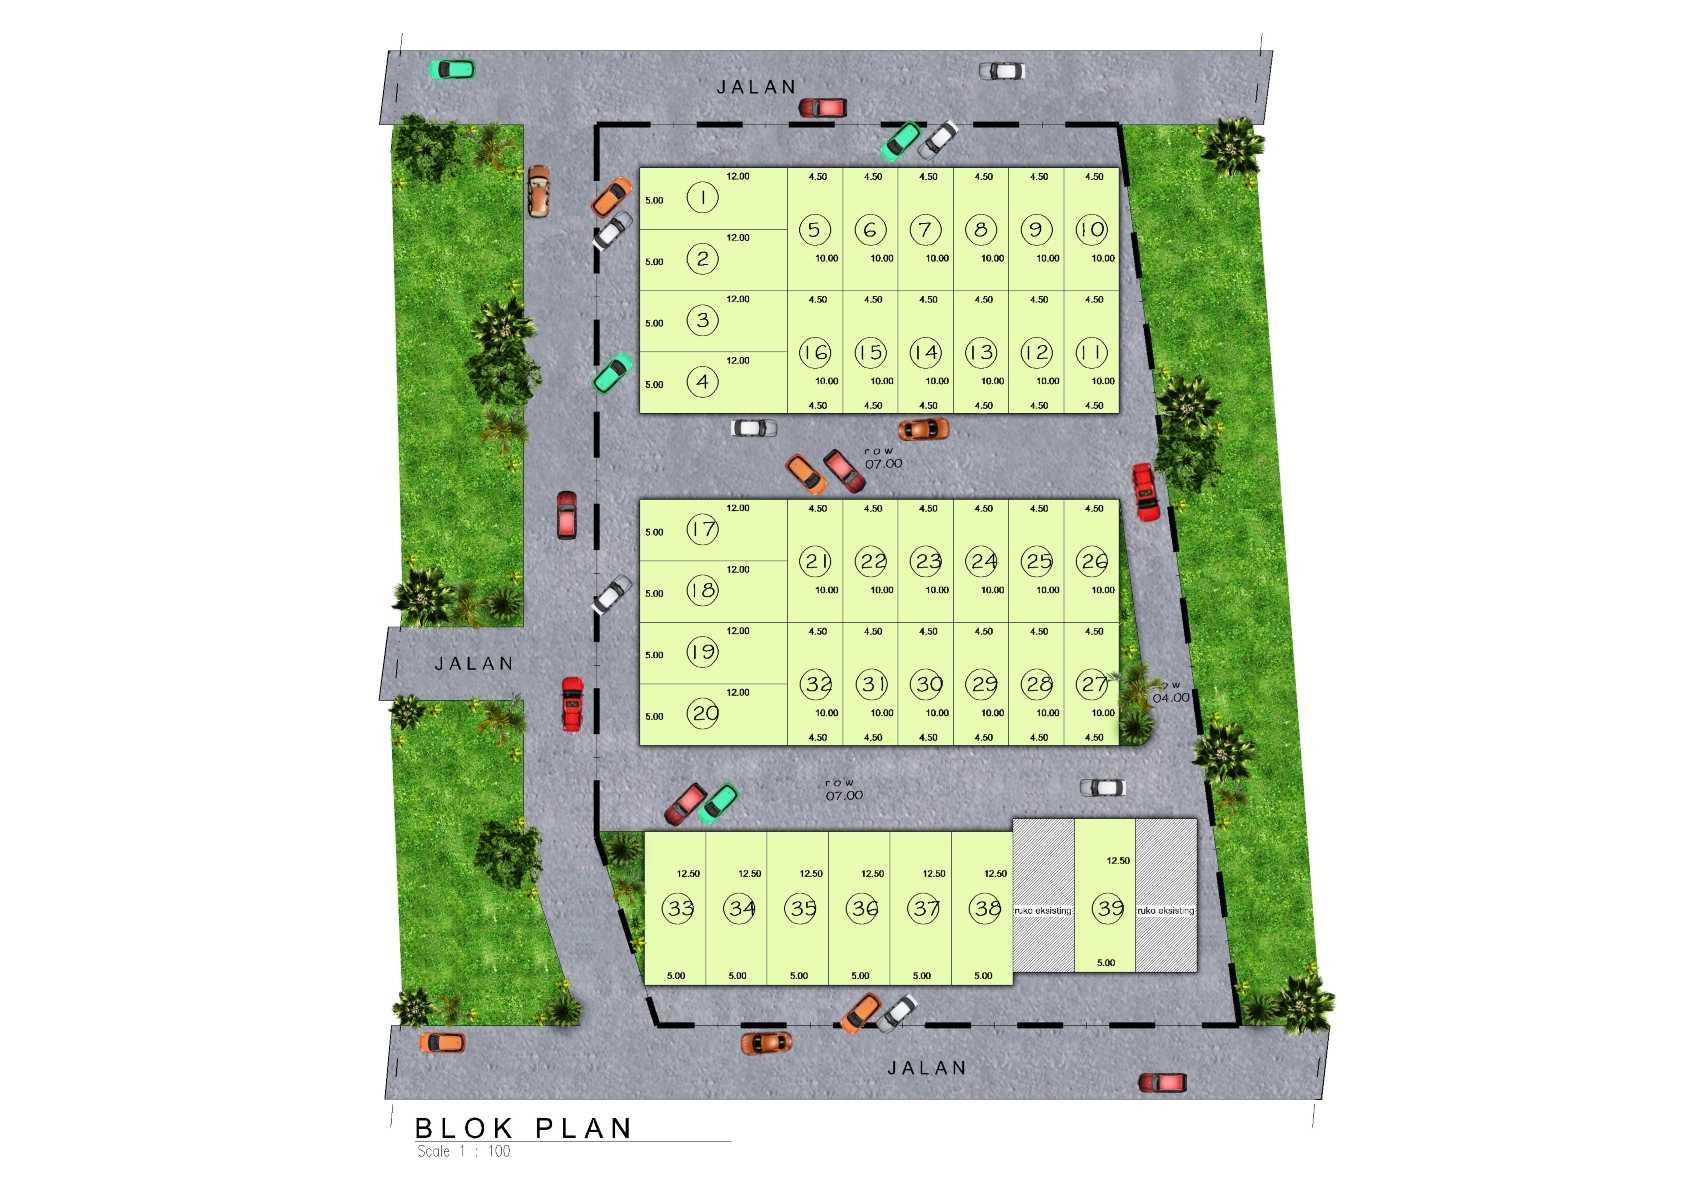 Satuvista Architect Rumah Toko - Ambon , Maluku   Pulau Ambon, Maluku, Indonesia Pulau Ambon, Maluku, Indonesia Masterplan  <P>Blok Plan</p> 49992